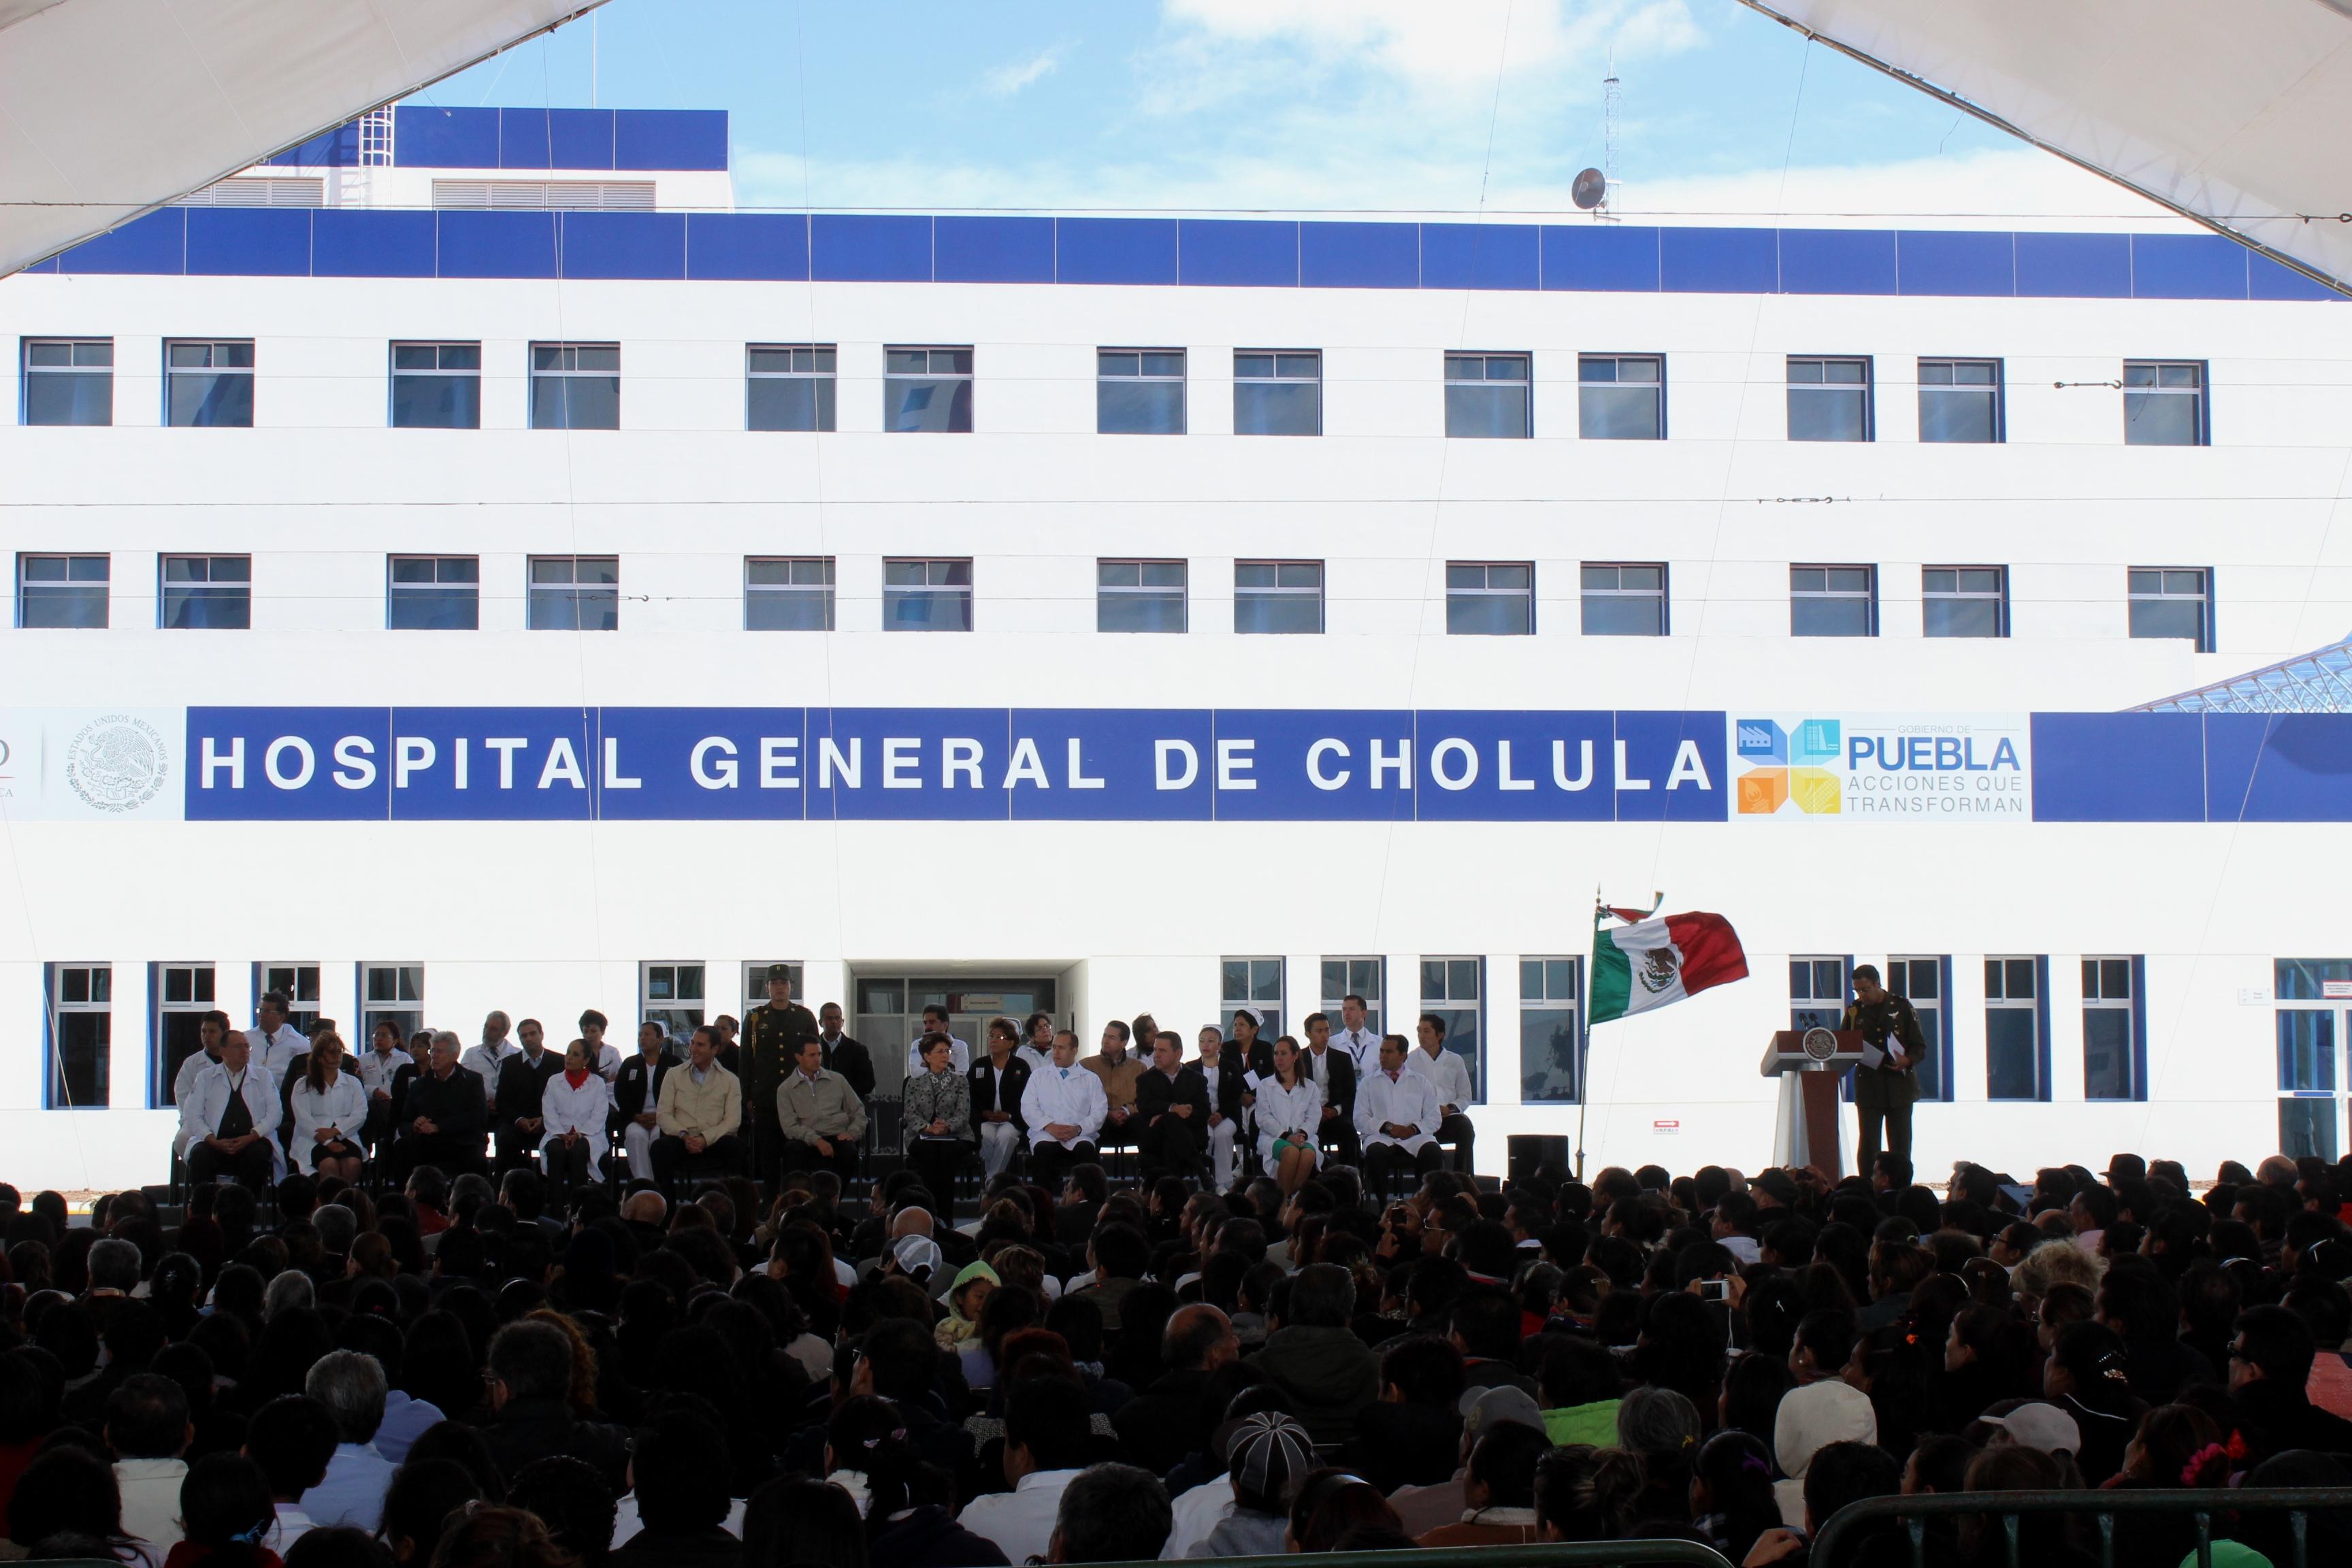 Ceremonia de Inauguración del Hospital de Cholula